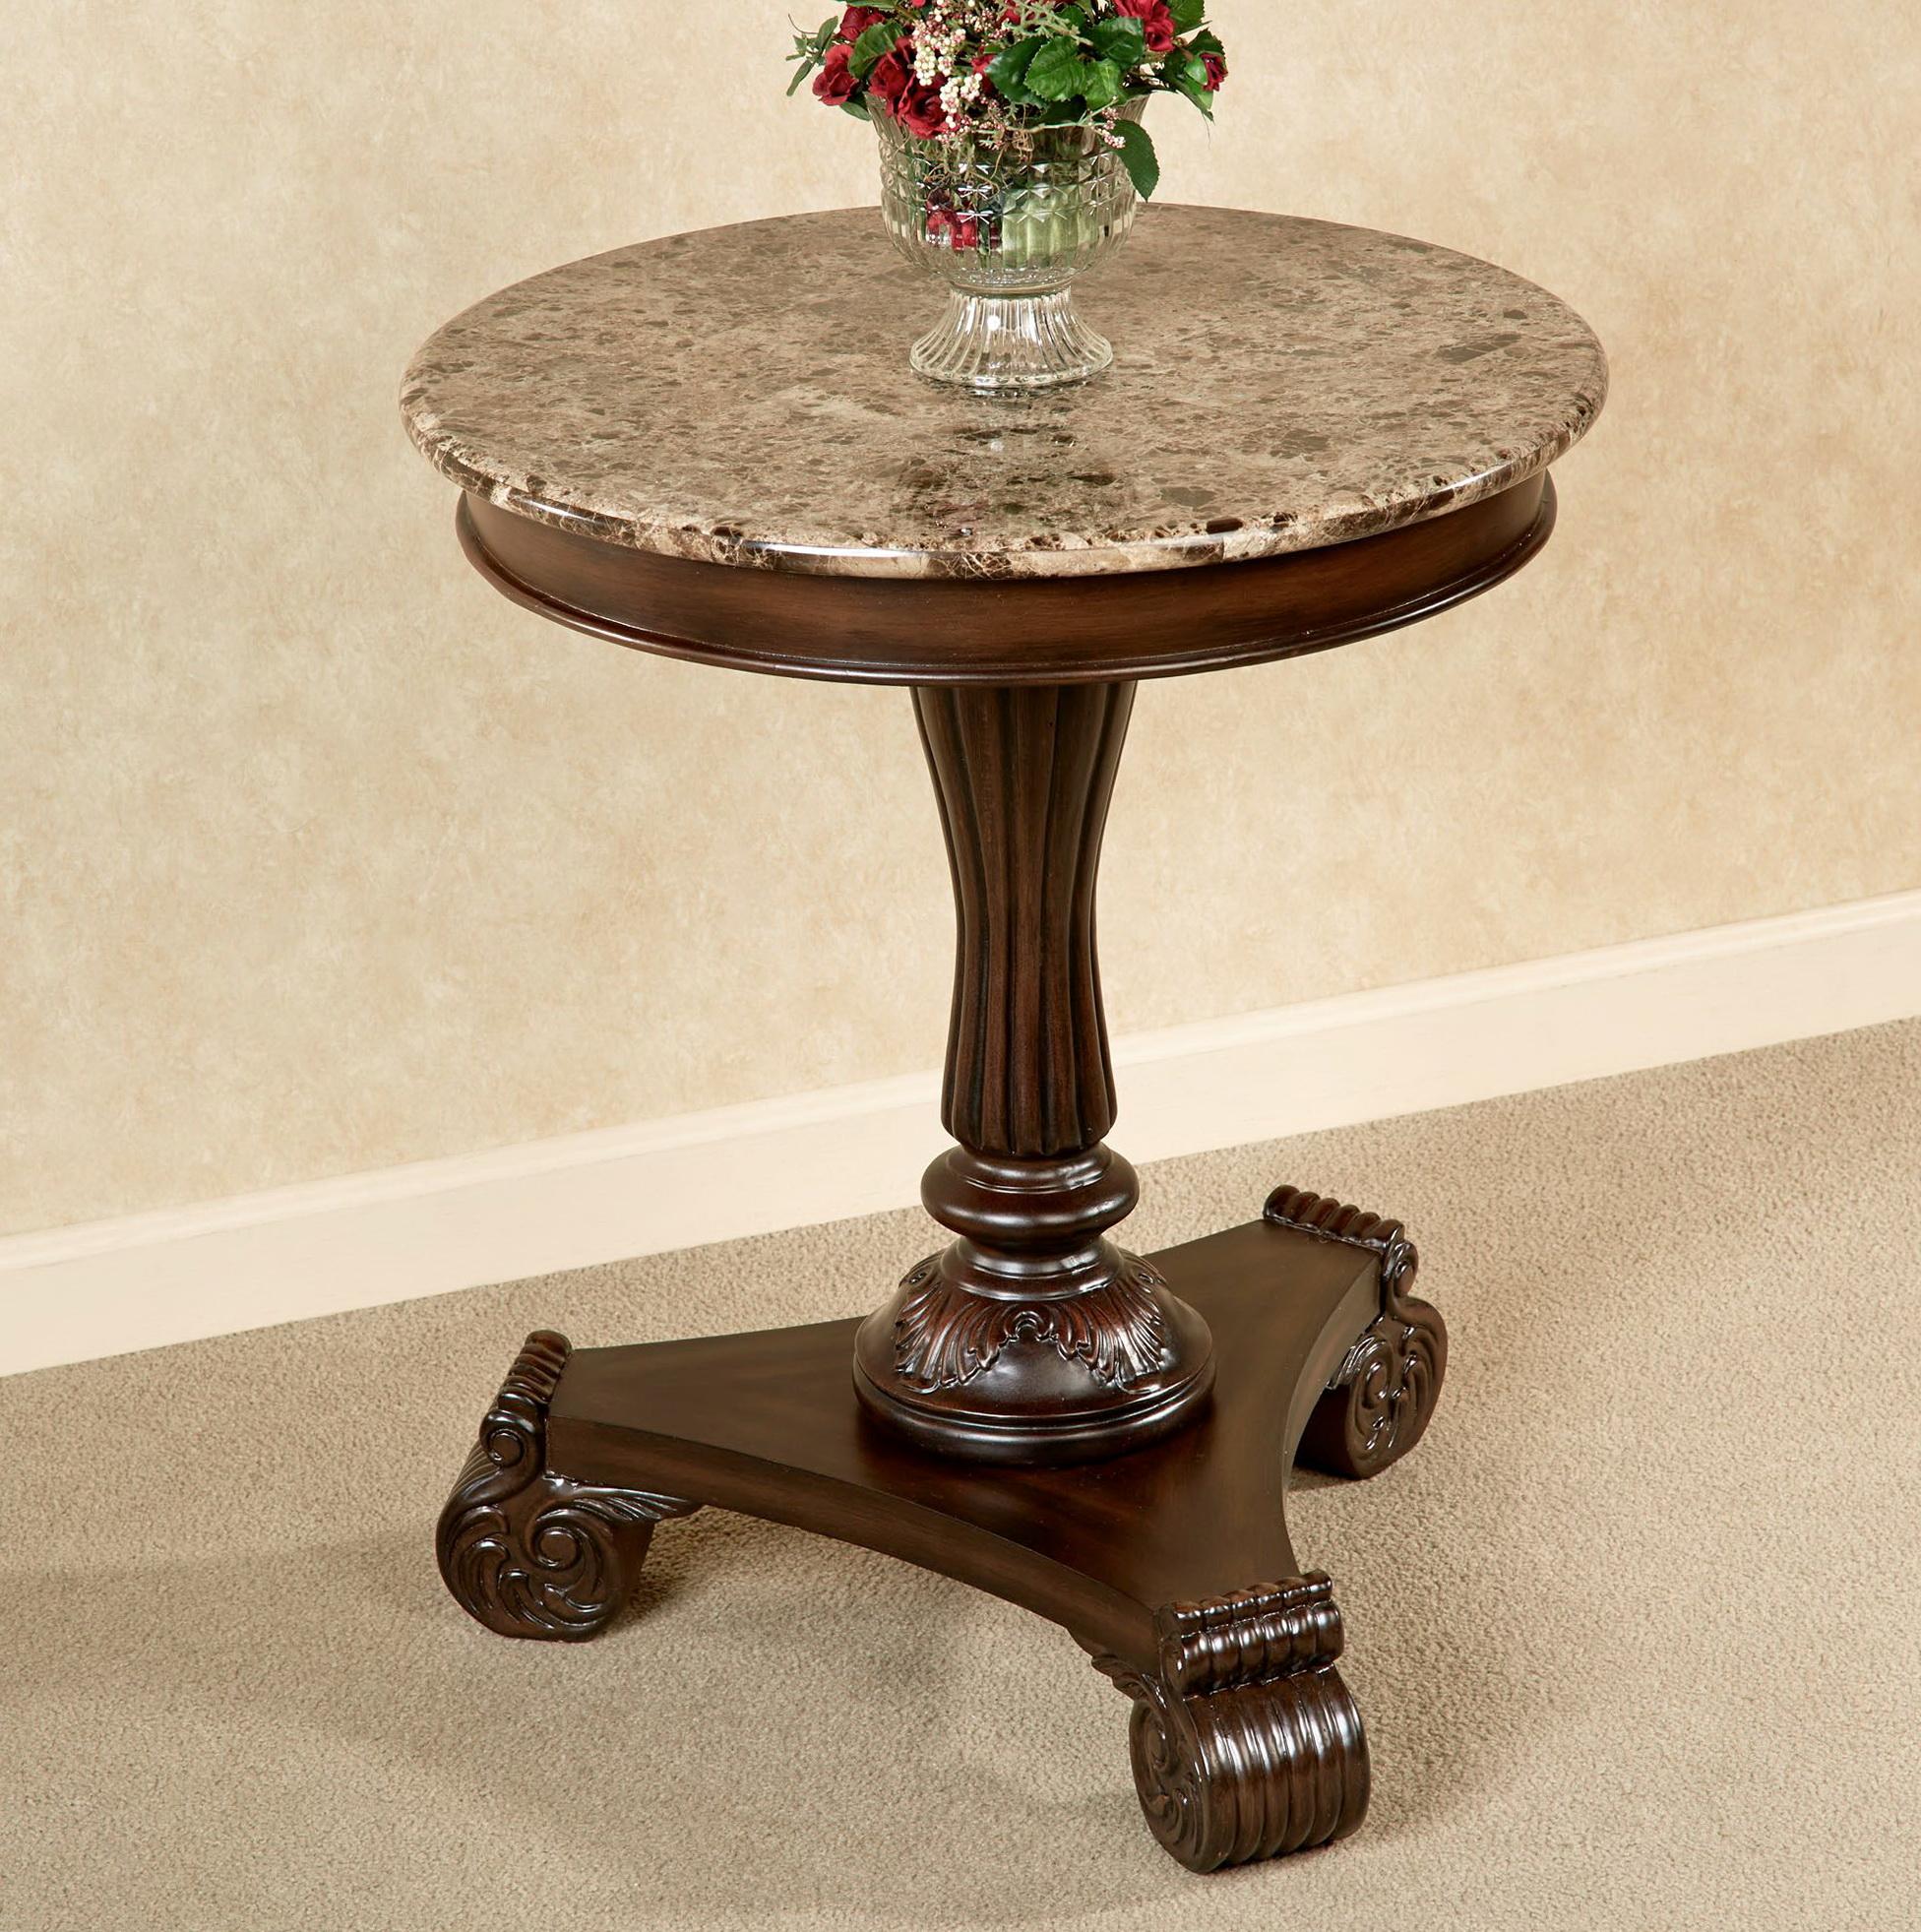 round side tables for sale home design ideas. Black Bedroom Furniture Sets. Home Design Ideas